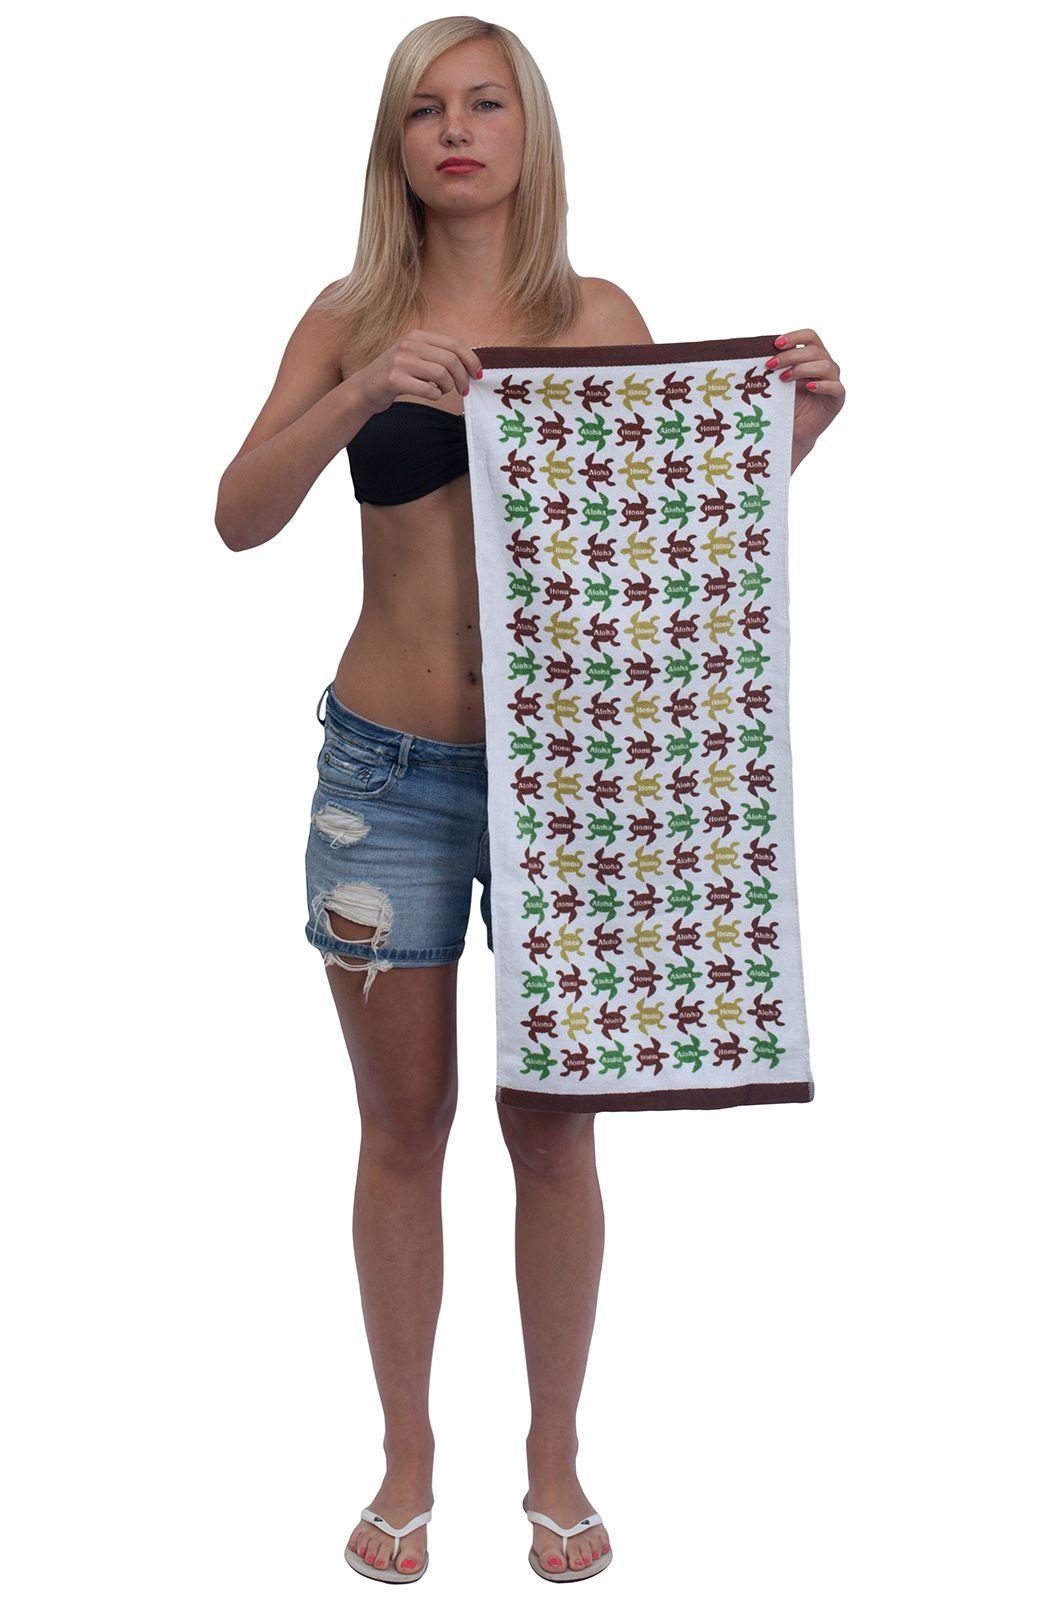 Полотенце ручное - купить по низкой цене